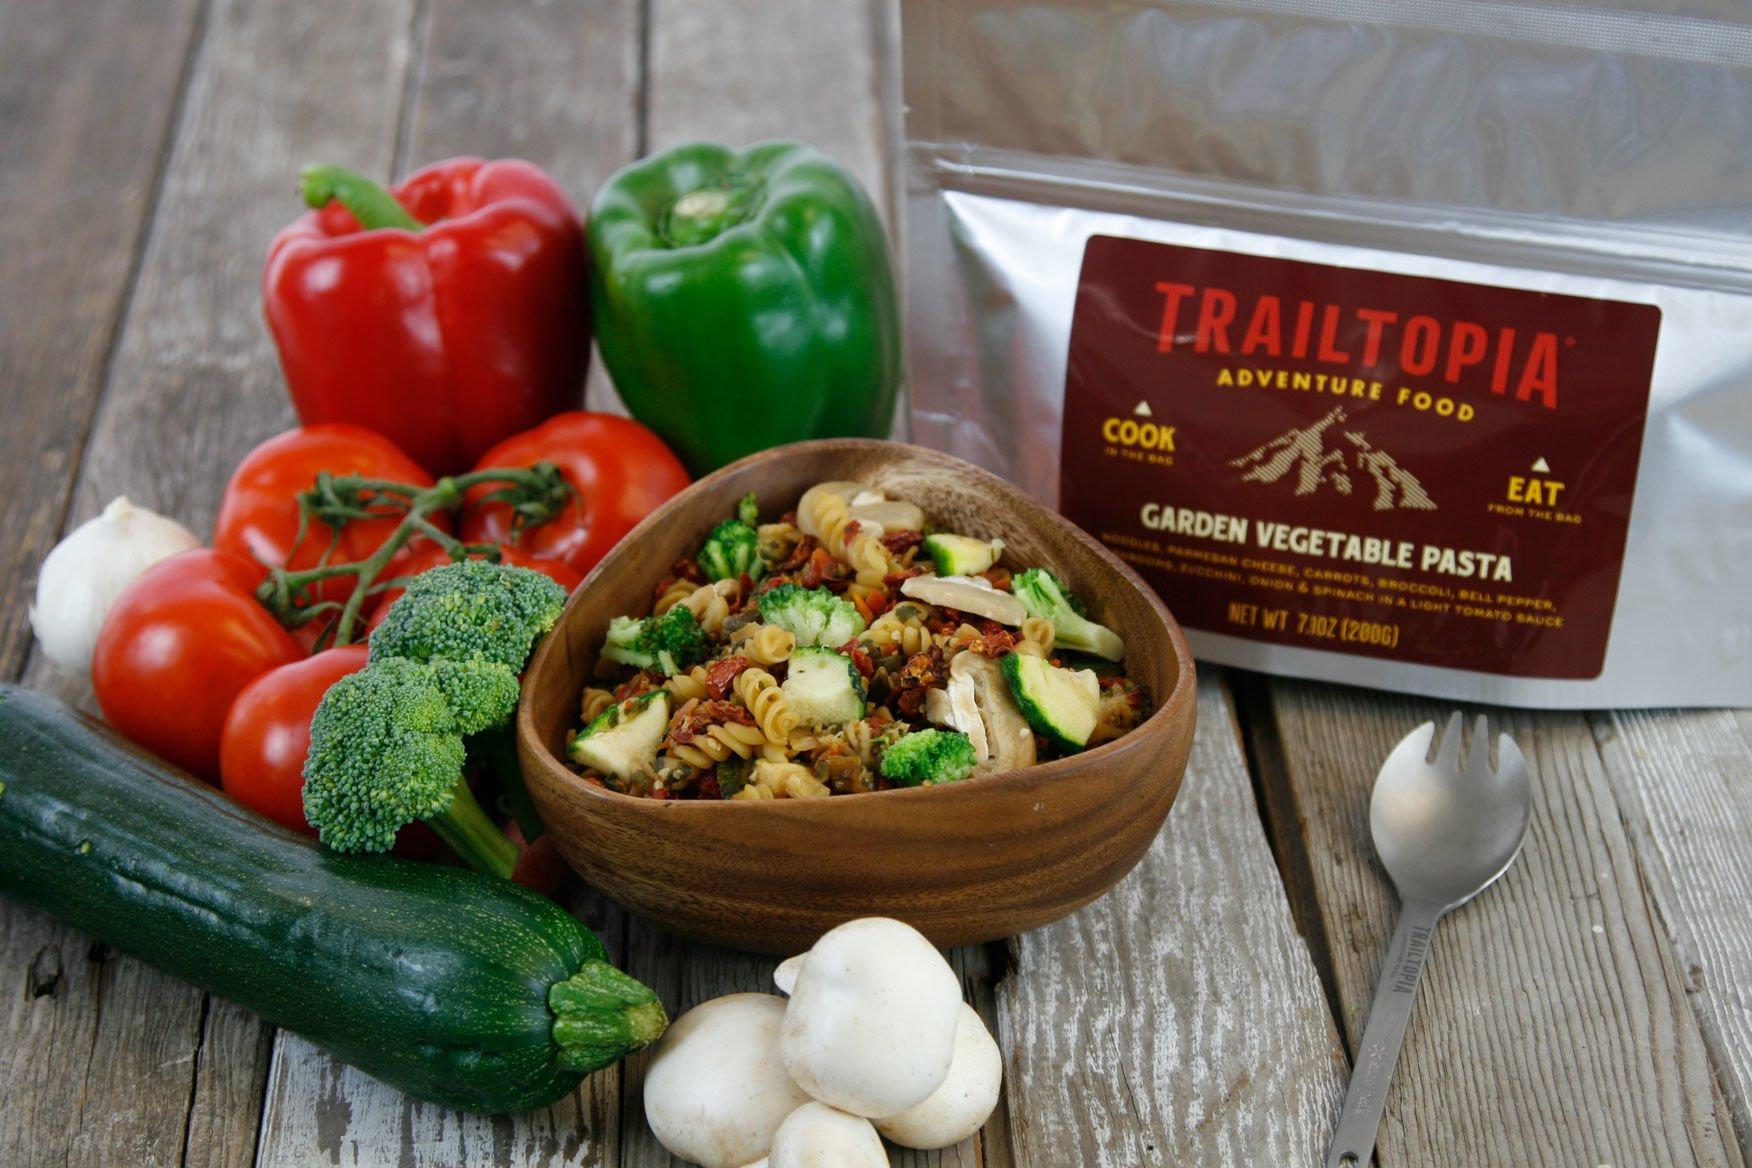 Trailtopia Garden Vegetable Pasta